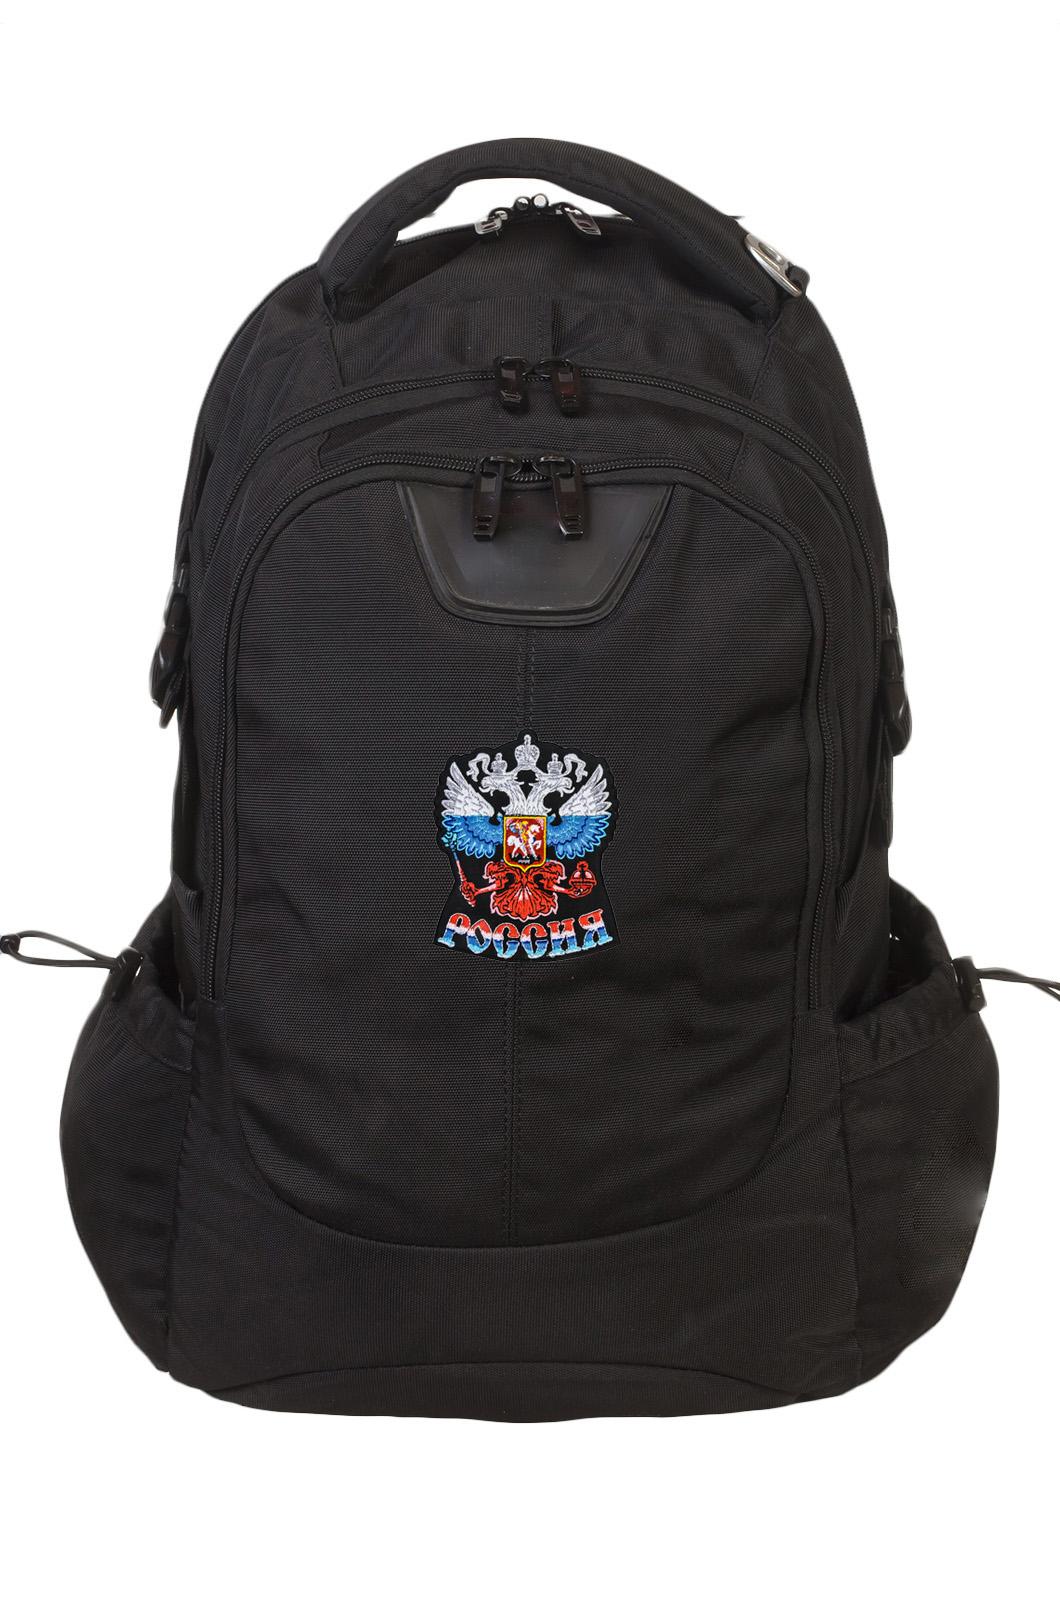 Вместительный эргономичный рюкзак с нашивкой Герб России